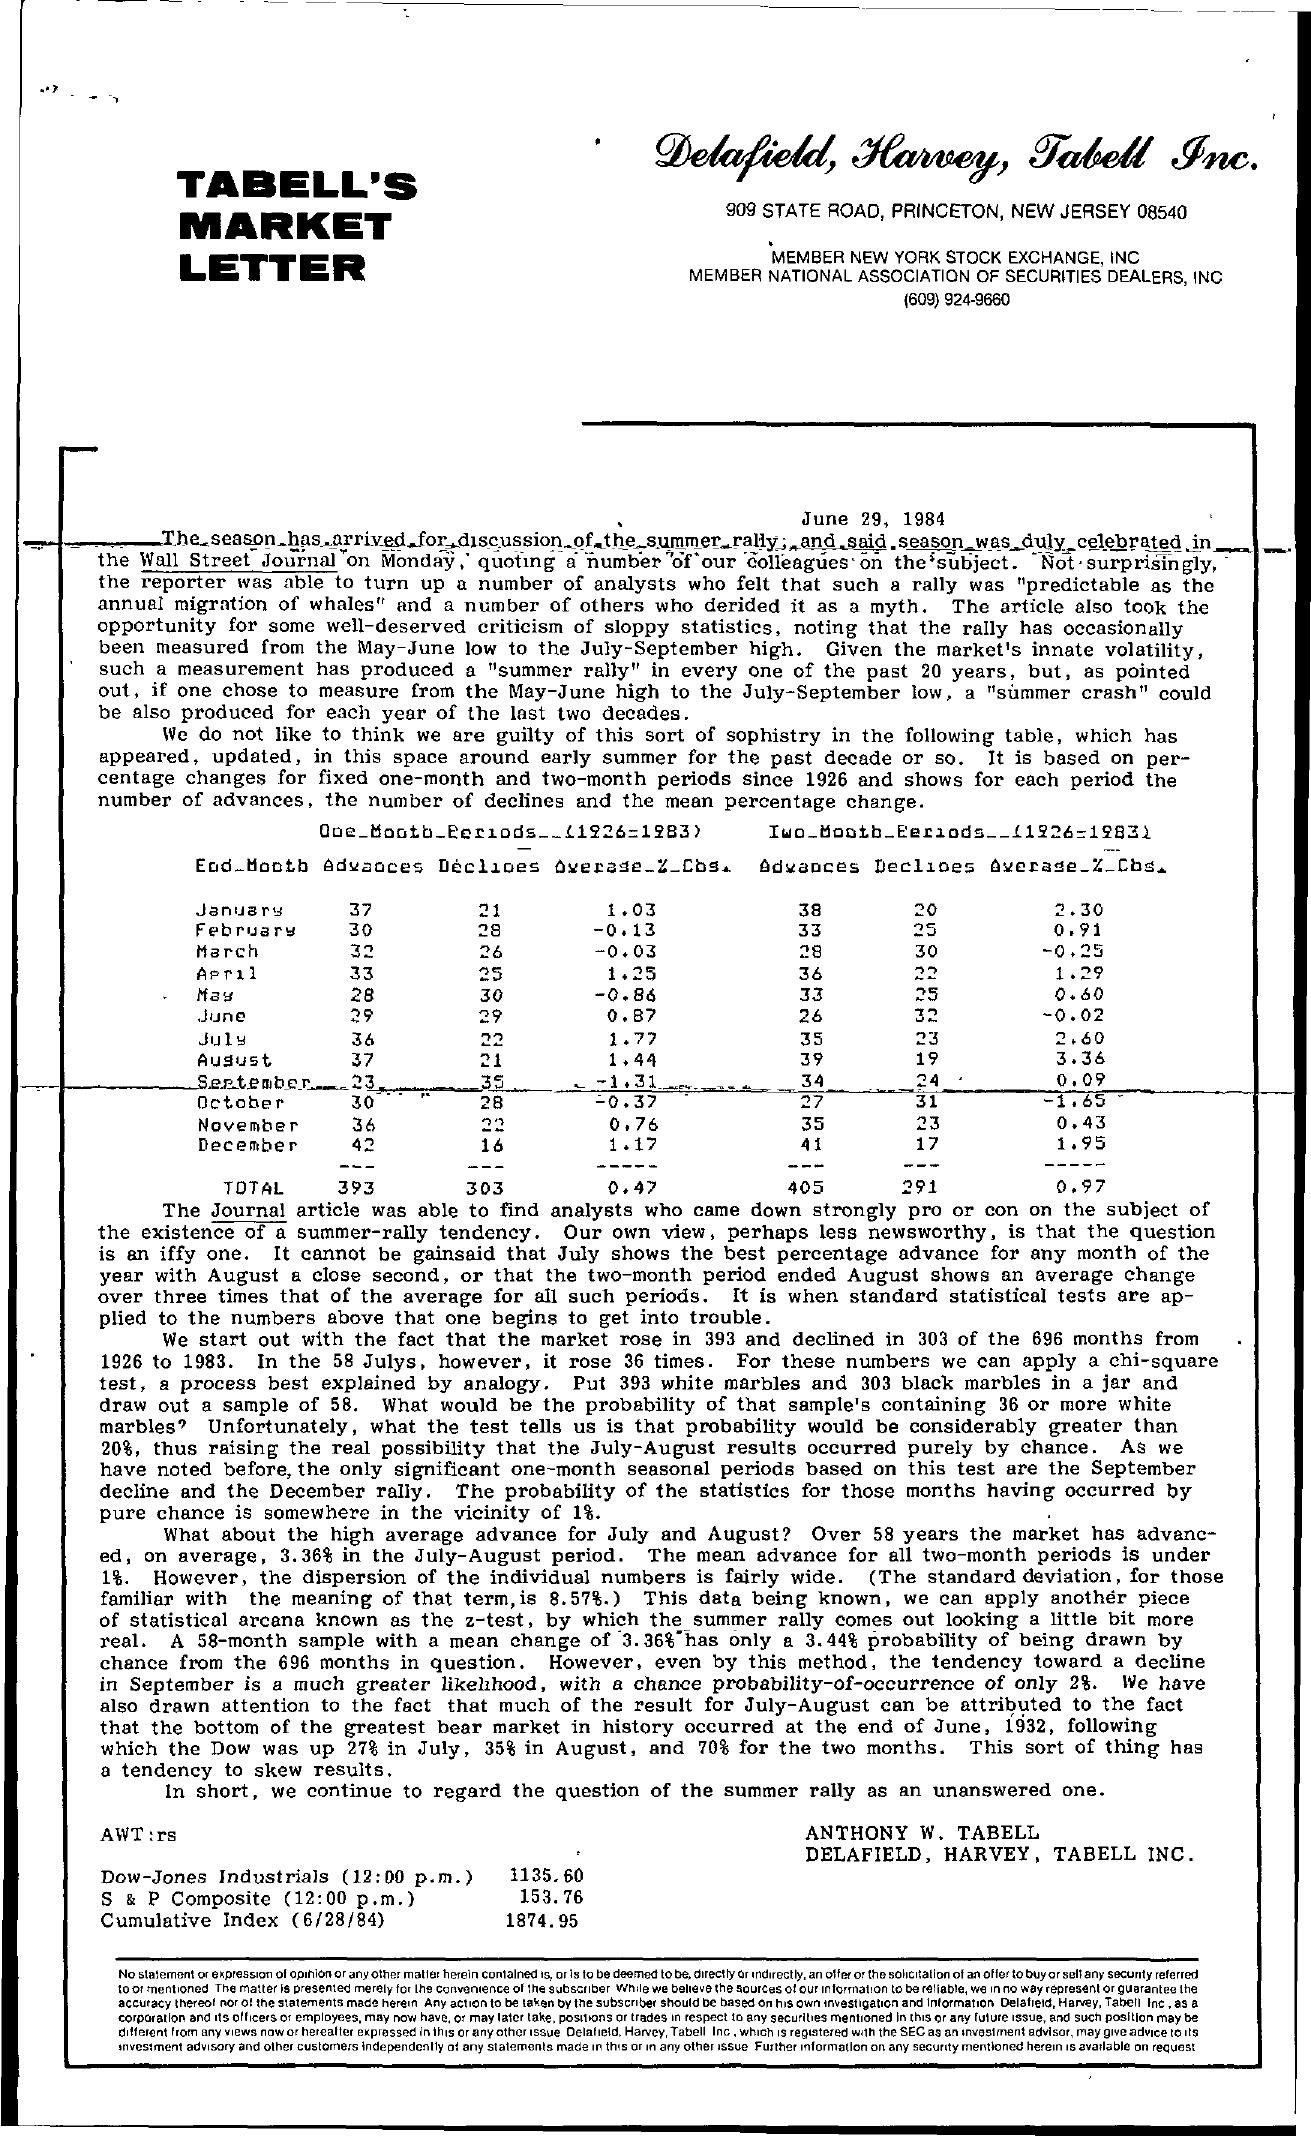 Tabell's Market Letter - June 29, 1984